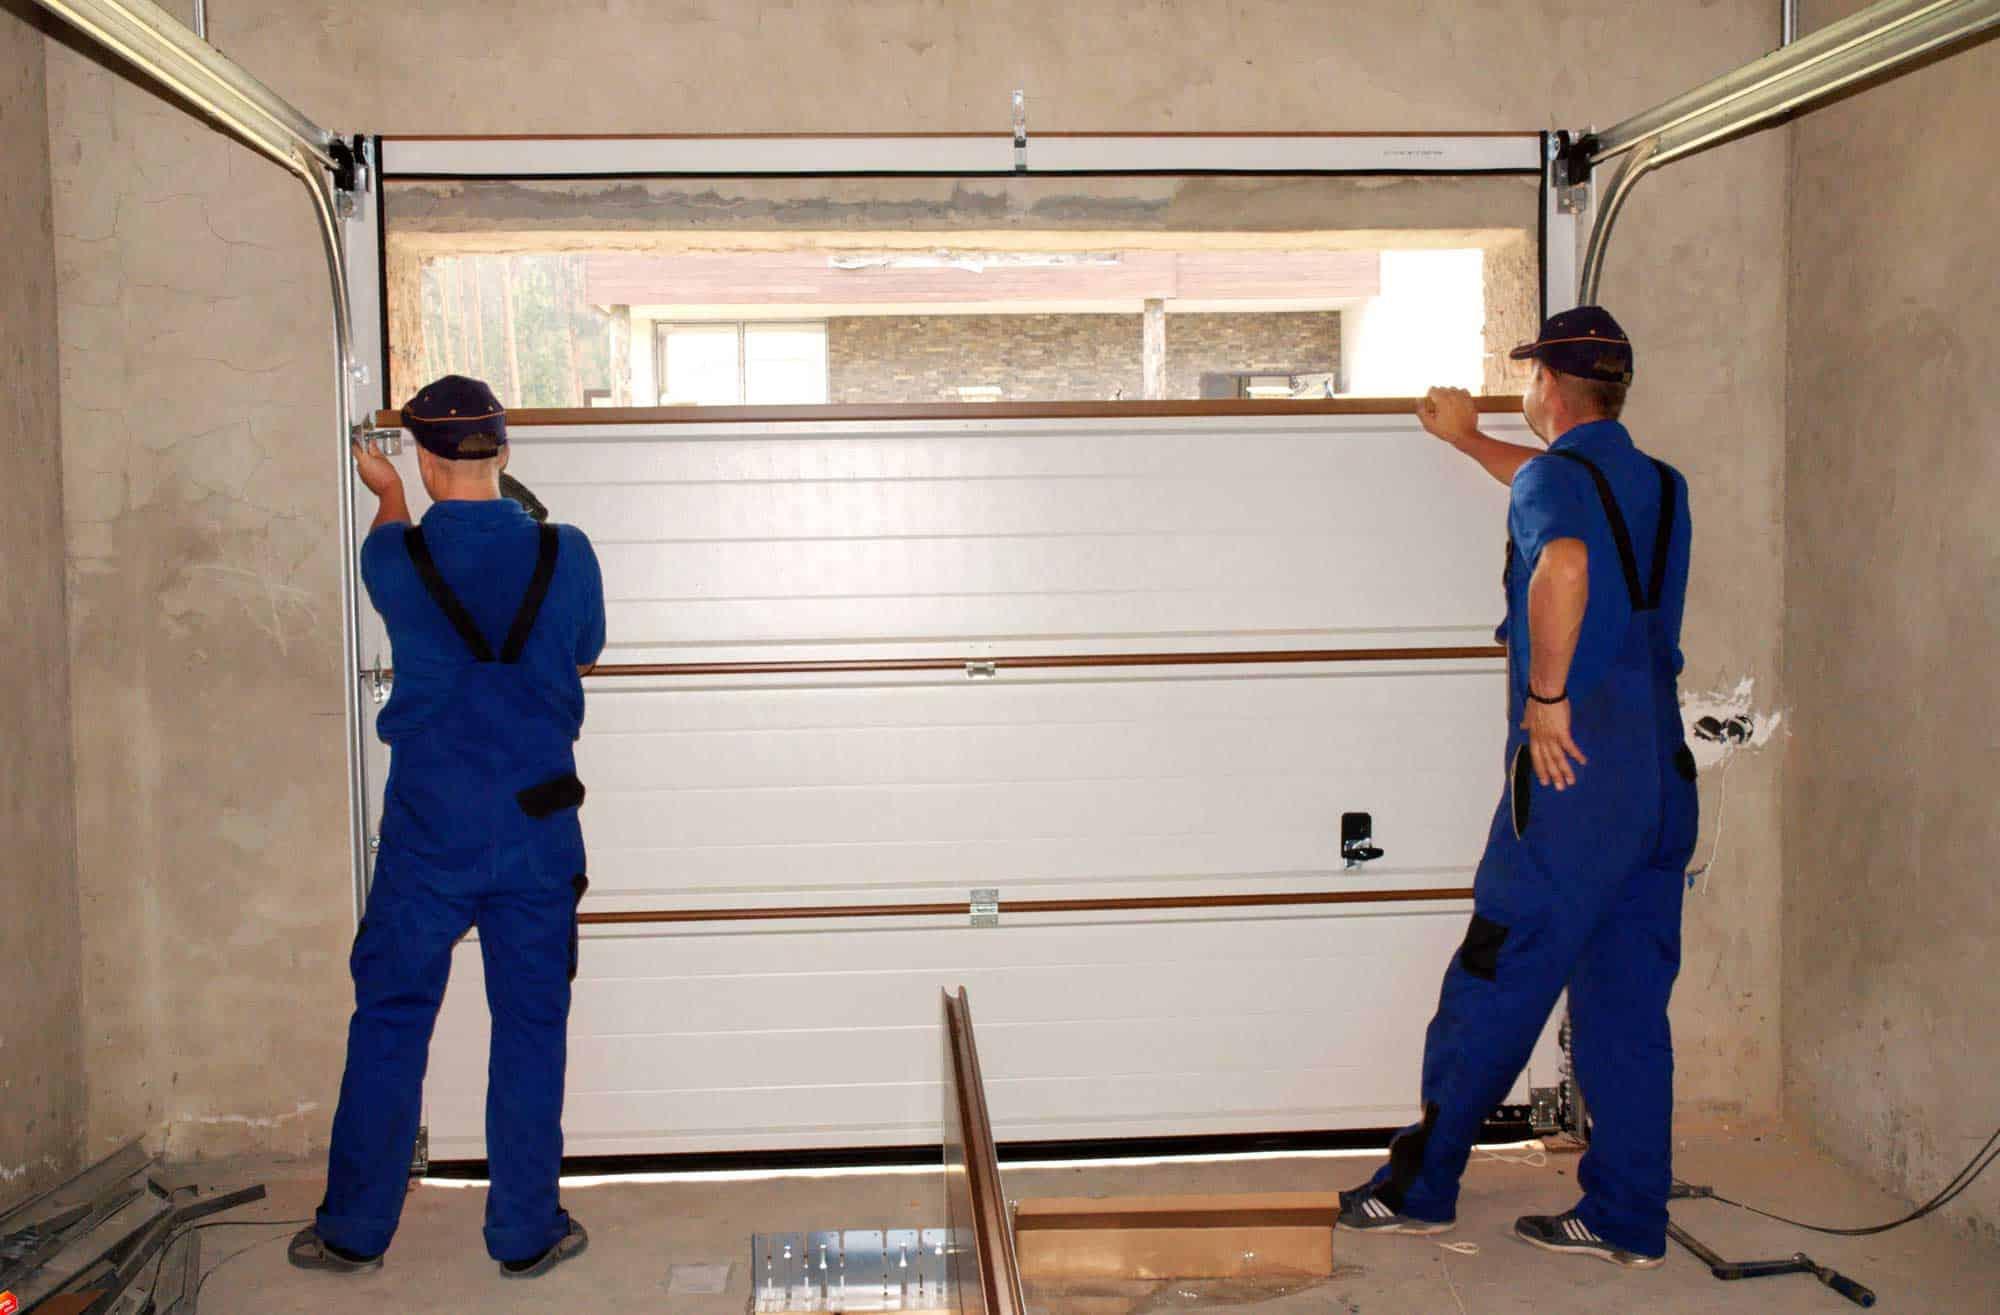 2 men installing garage door